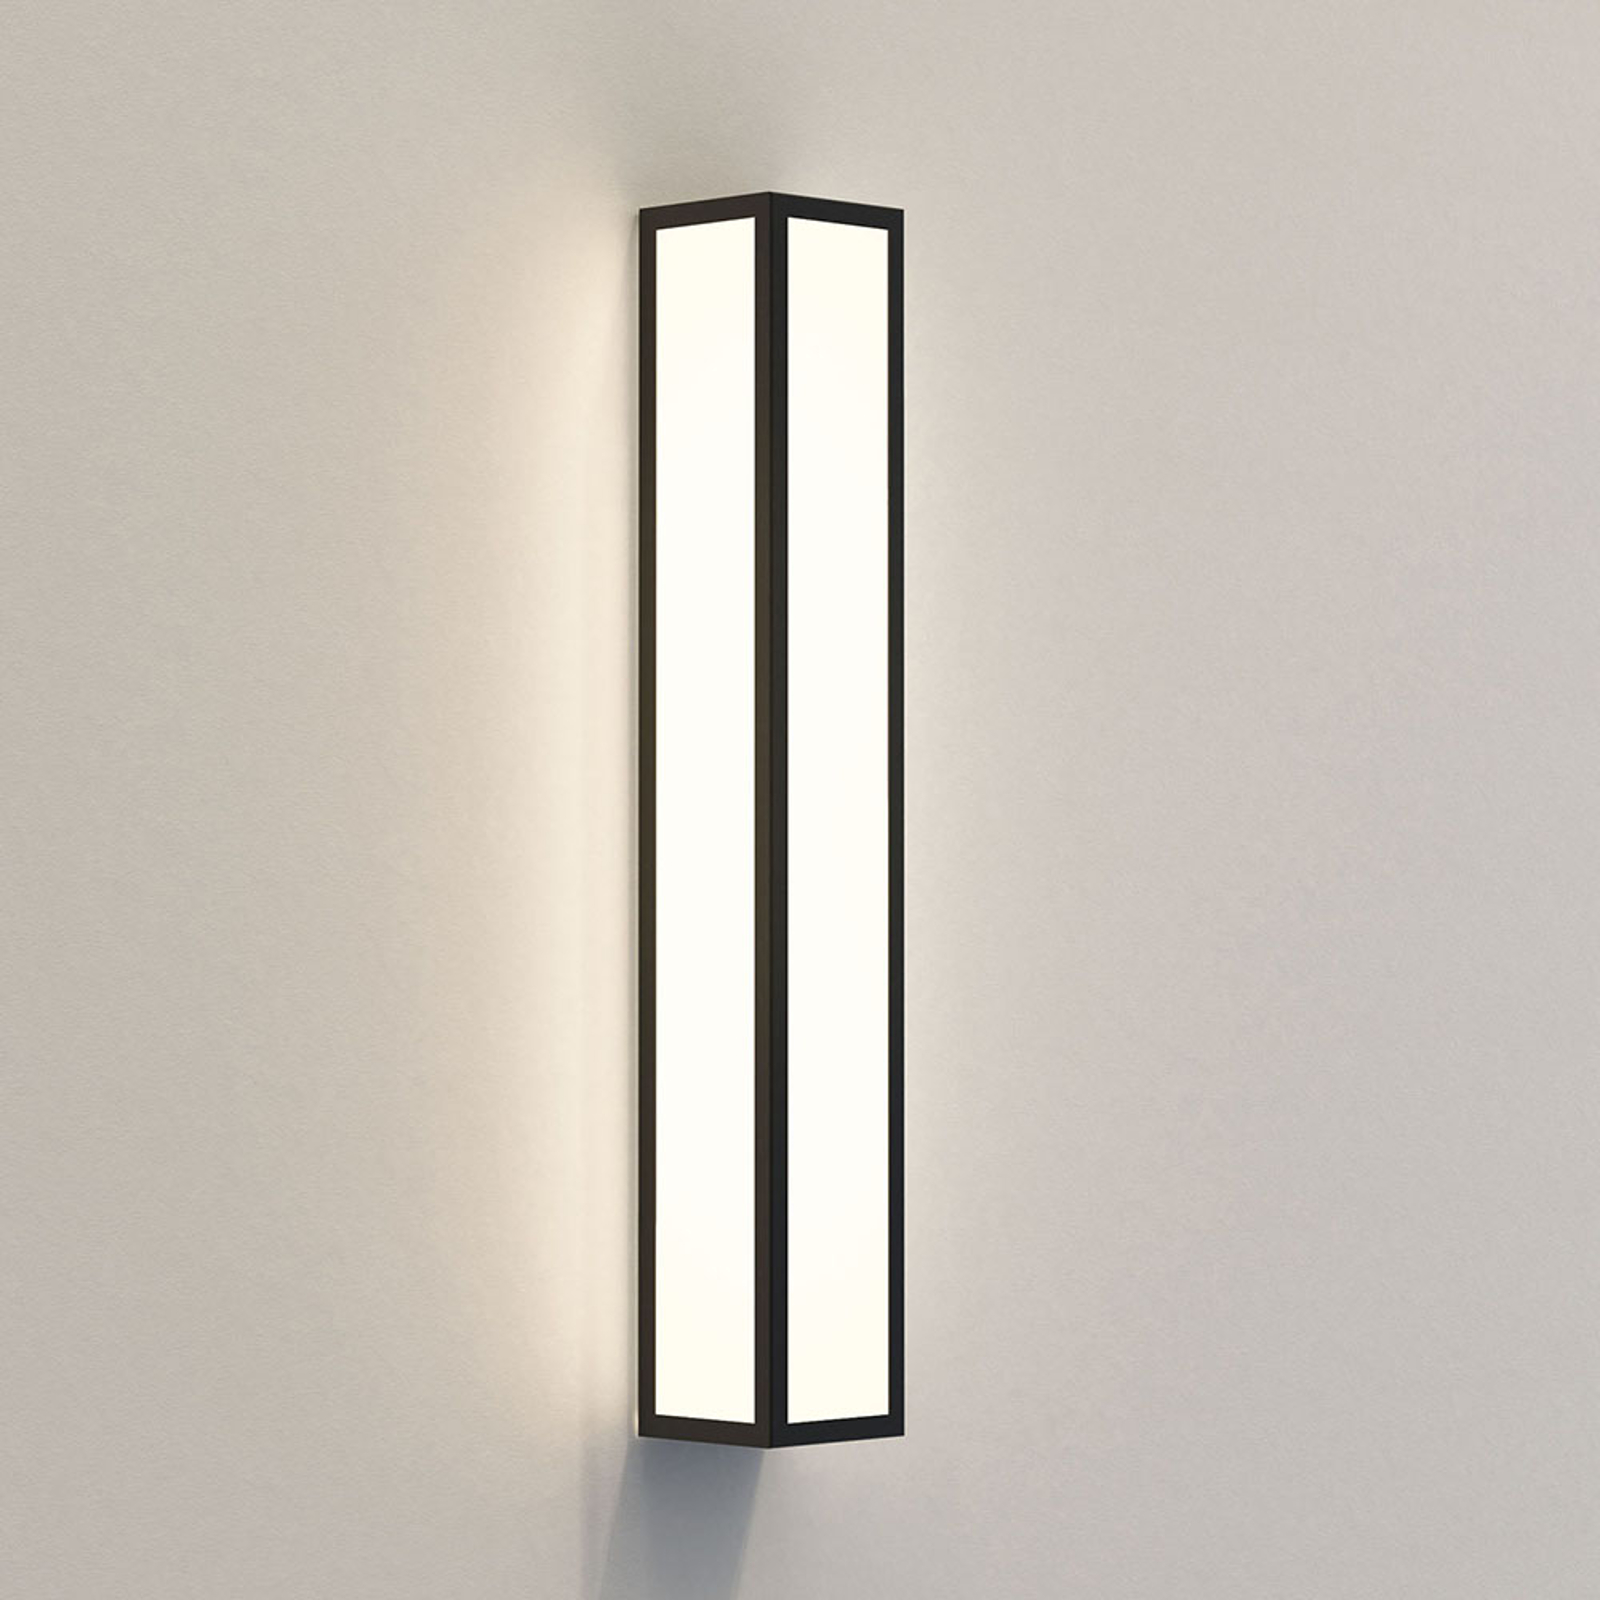 Astro Salerno 520 applique d'ext. LED 52cm noire